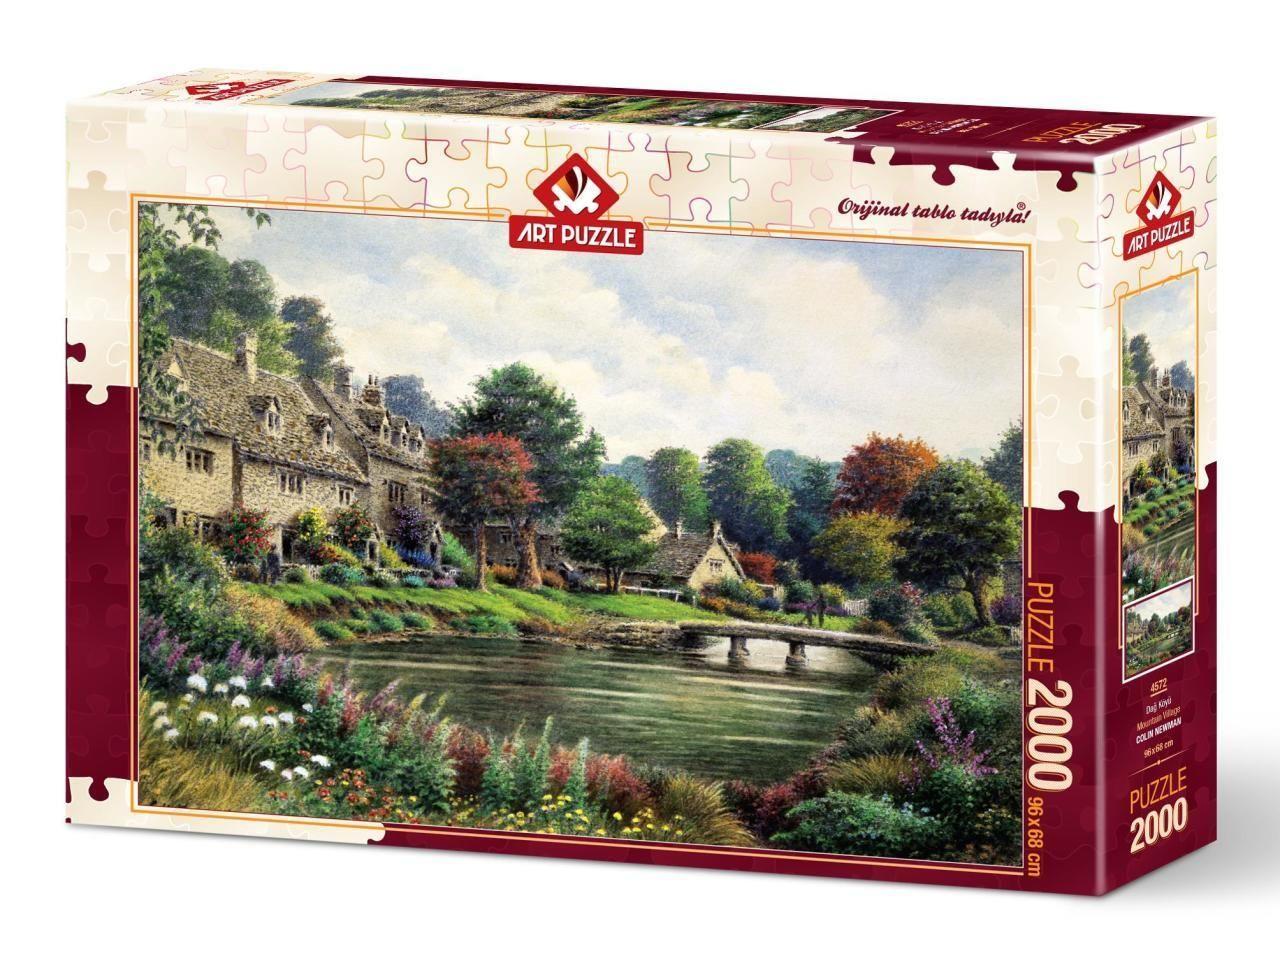 Art Puzzle Dağ Köyü 2000 Parça